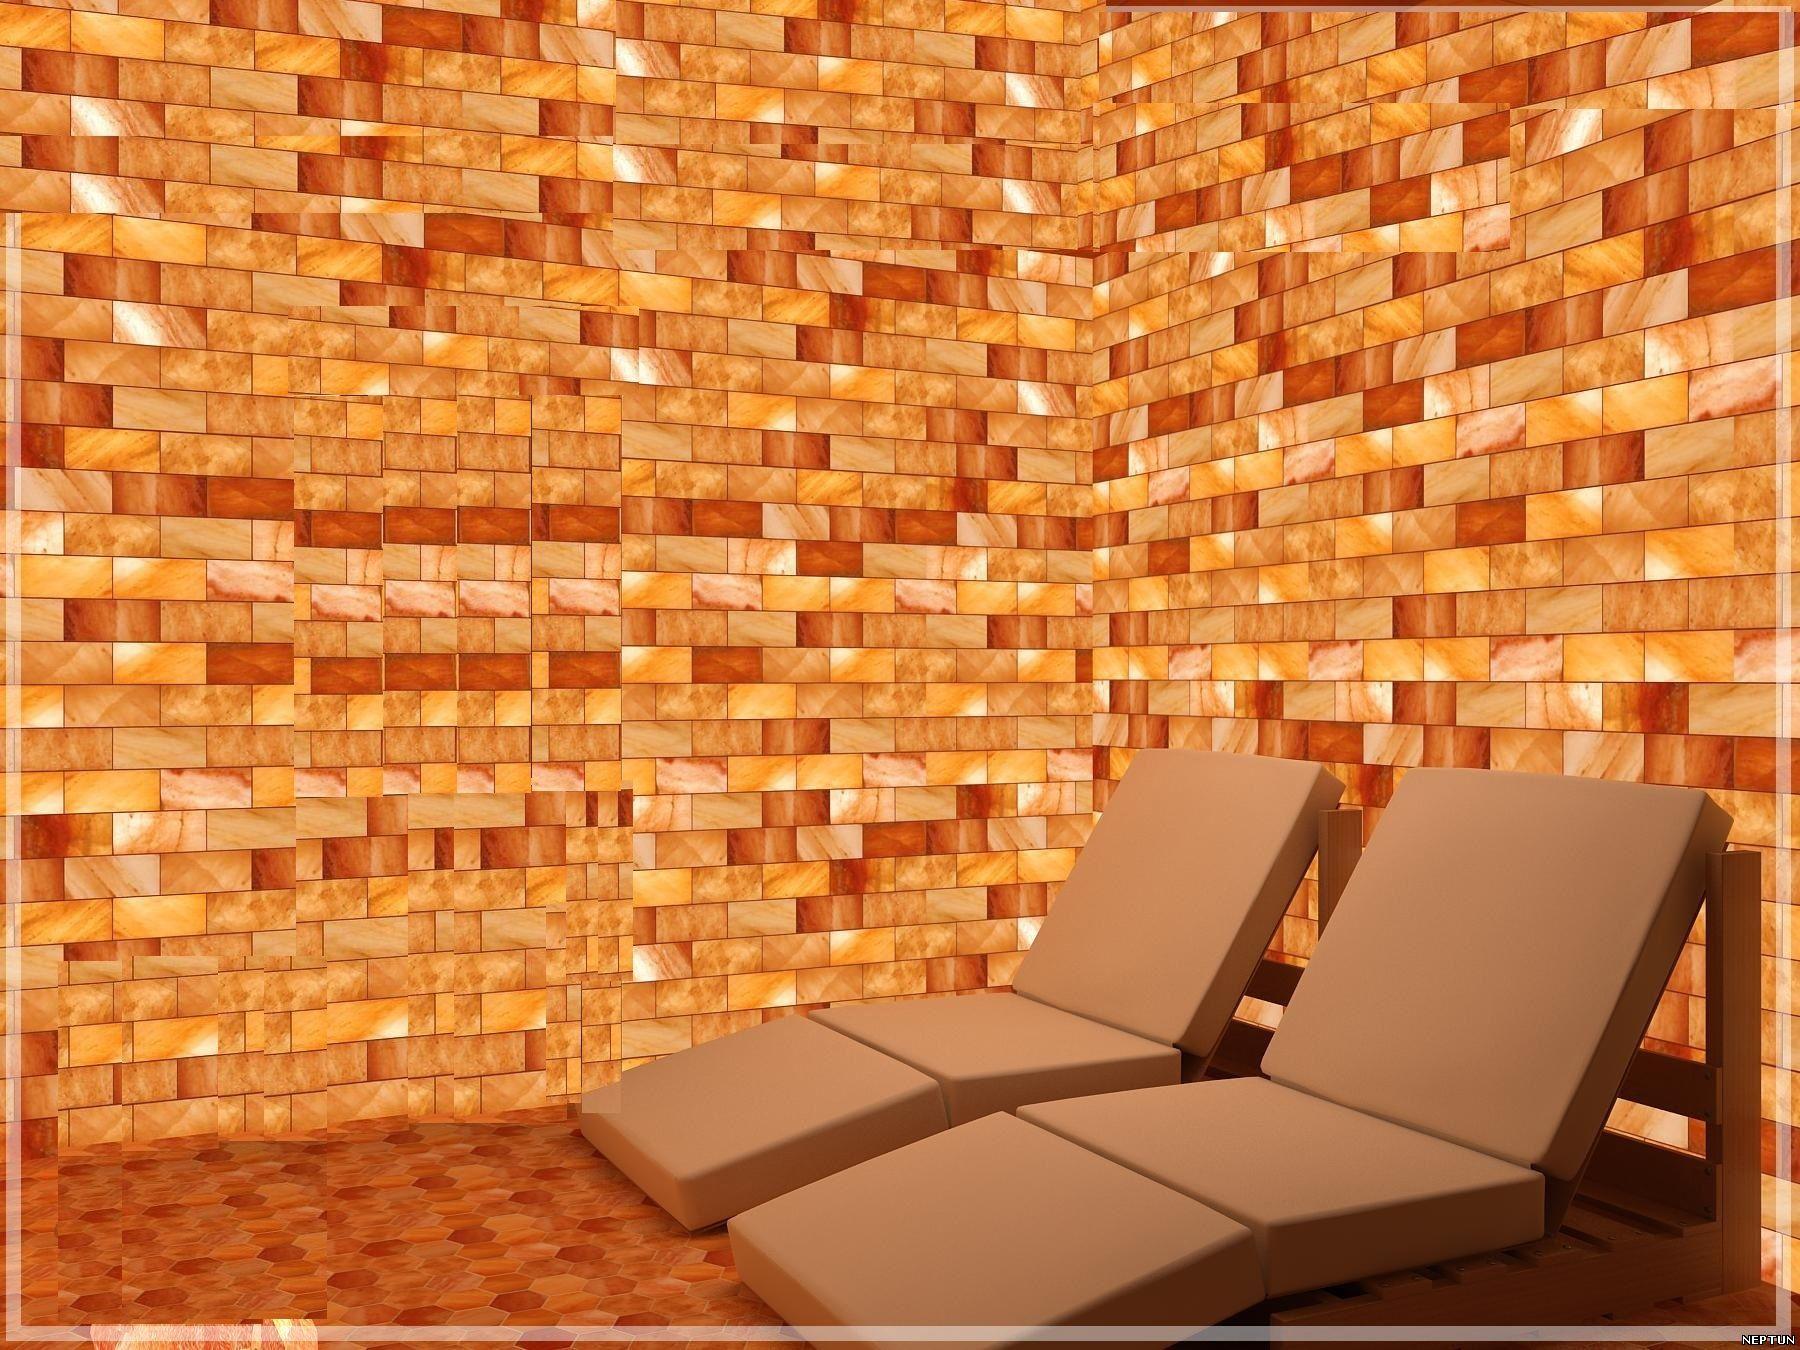 Соляная пещера, типовая стена из соляных кирпичей